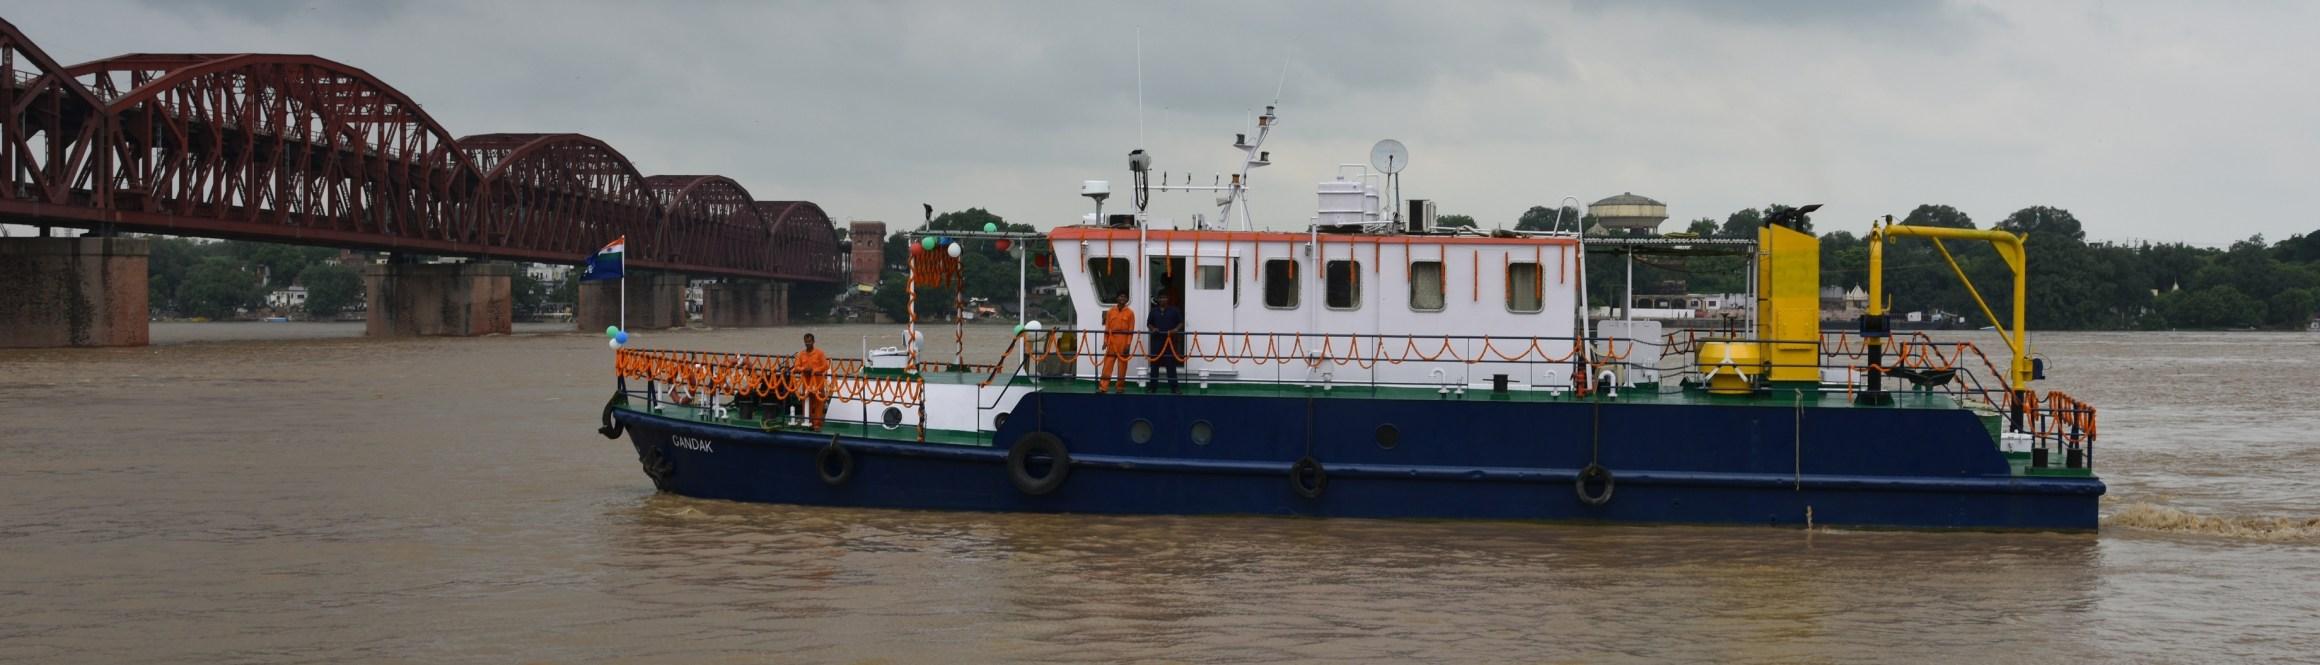 فوٹو بہ شکریہ : Inland Waterways Authority of India